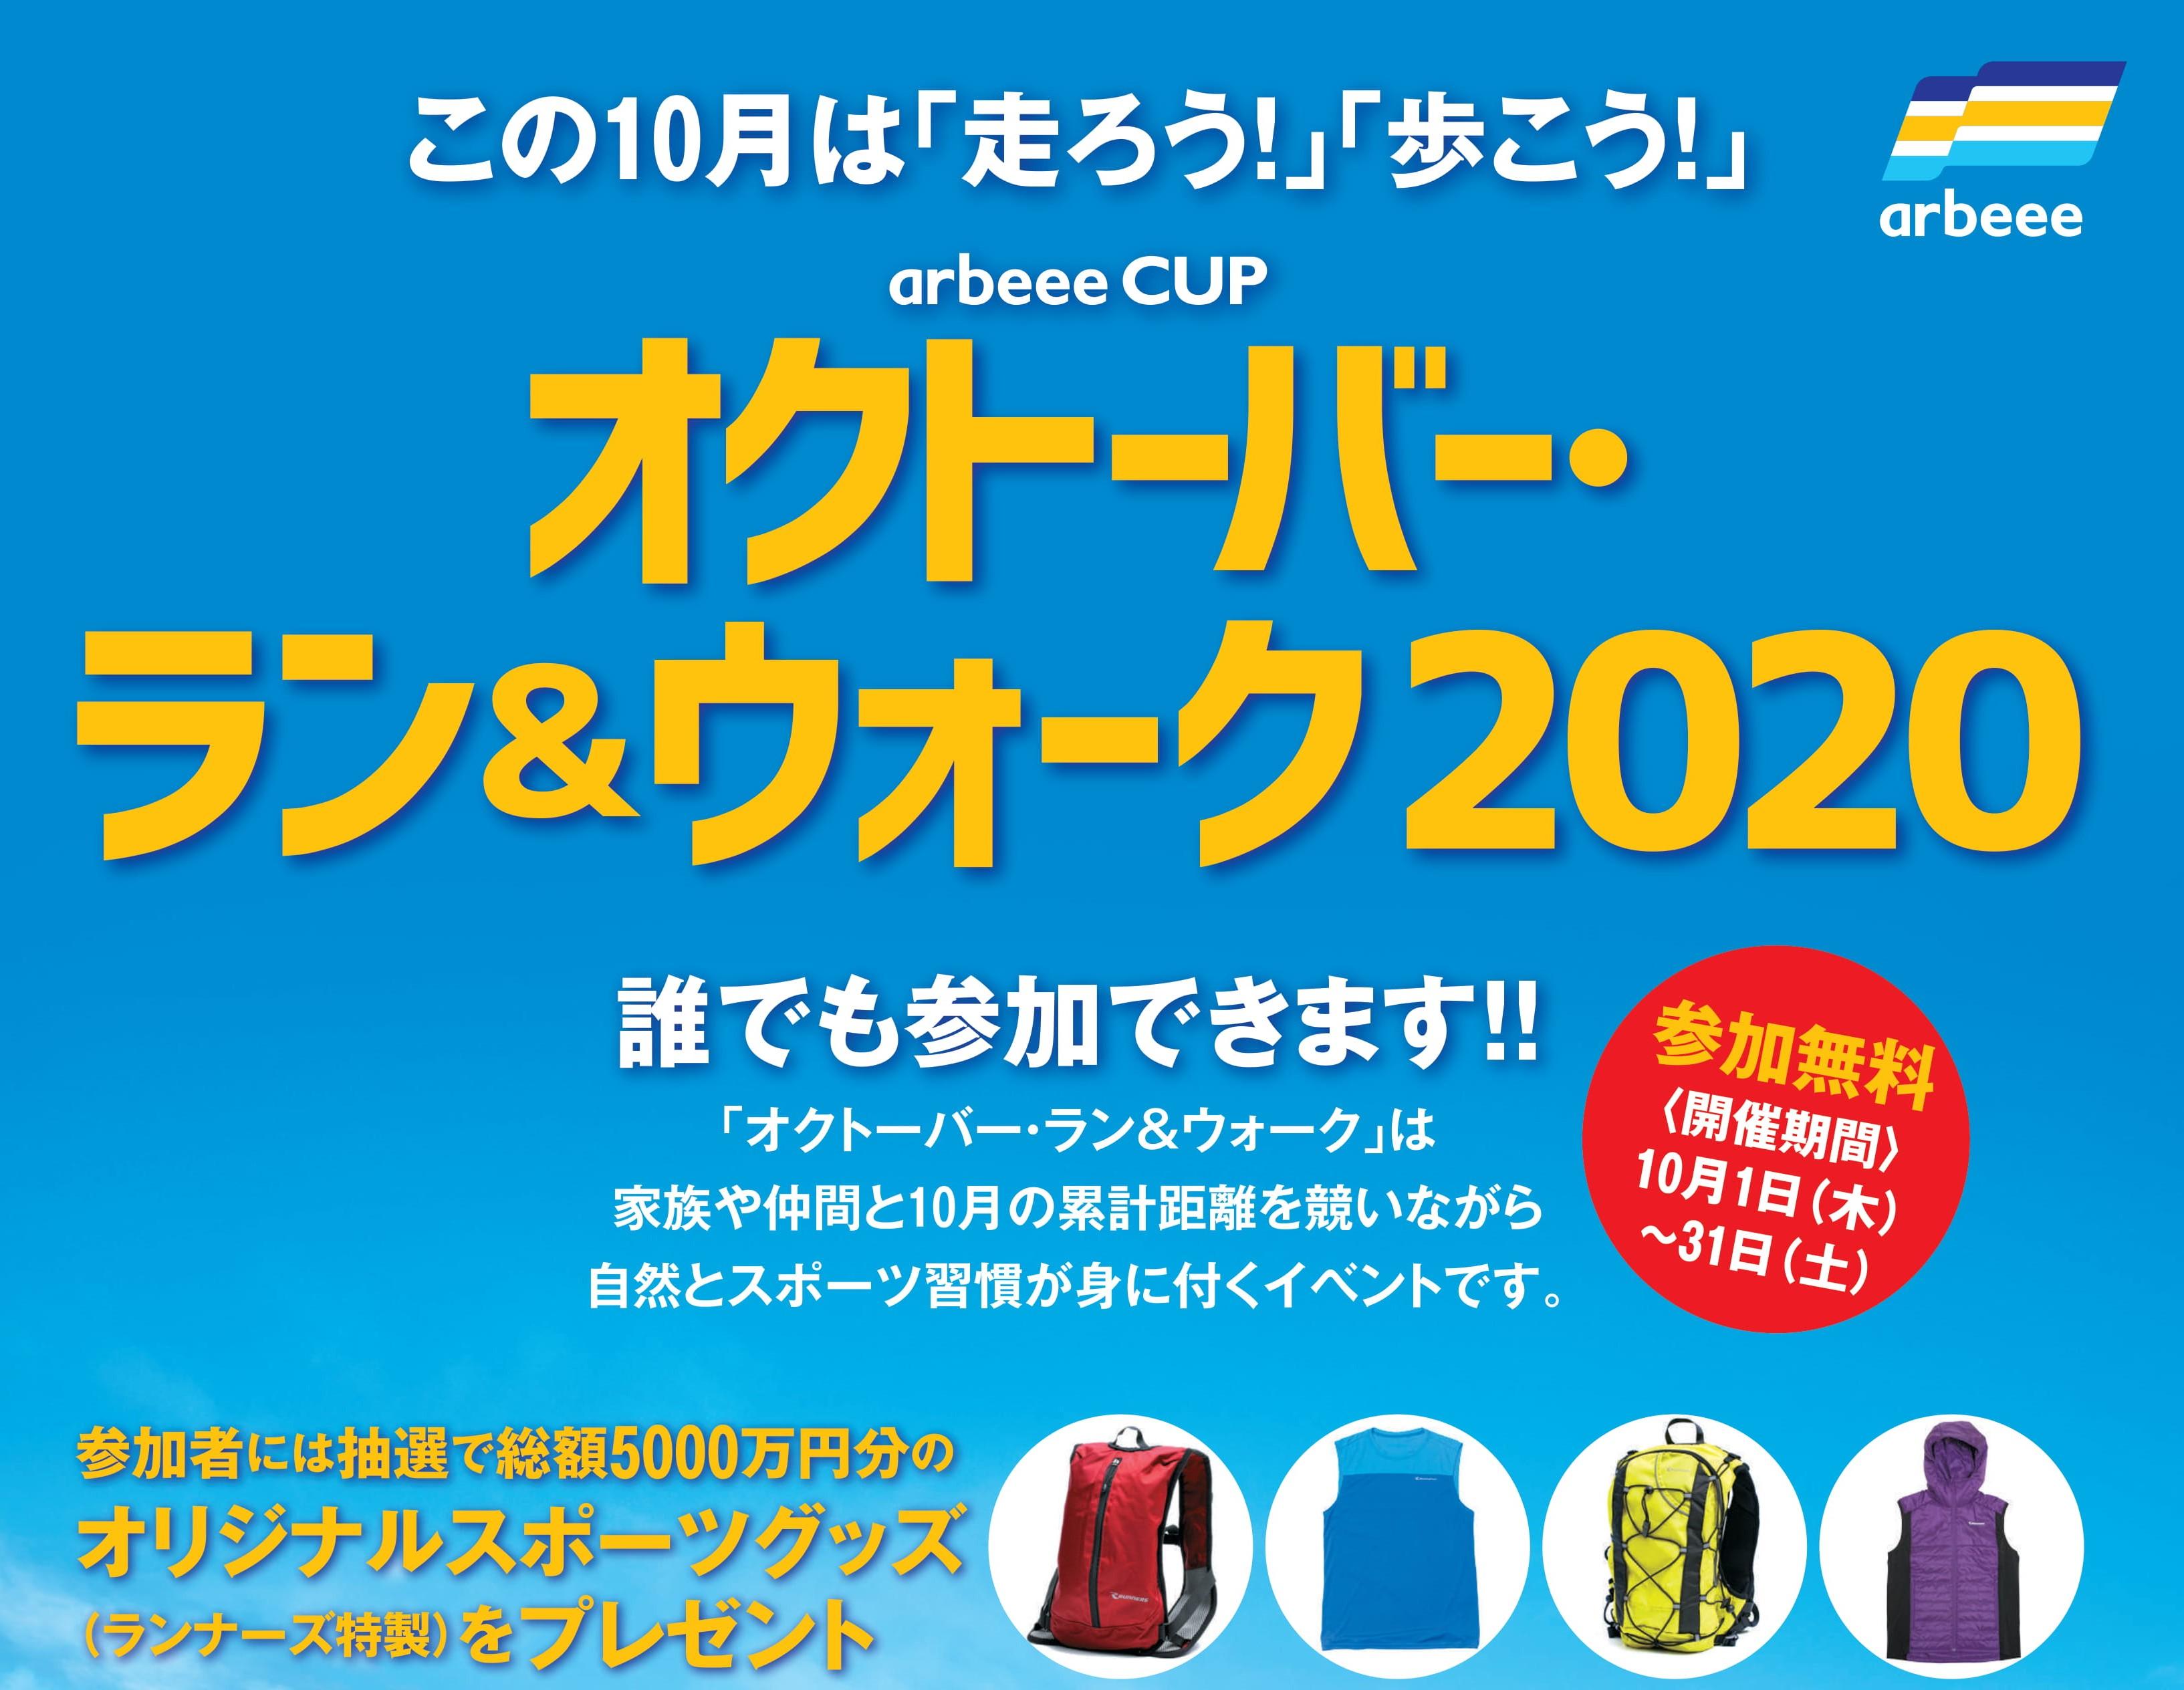 オクトーバー・ラン&ウォーク2020 参加者募集中!!(~10/31まで)